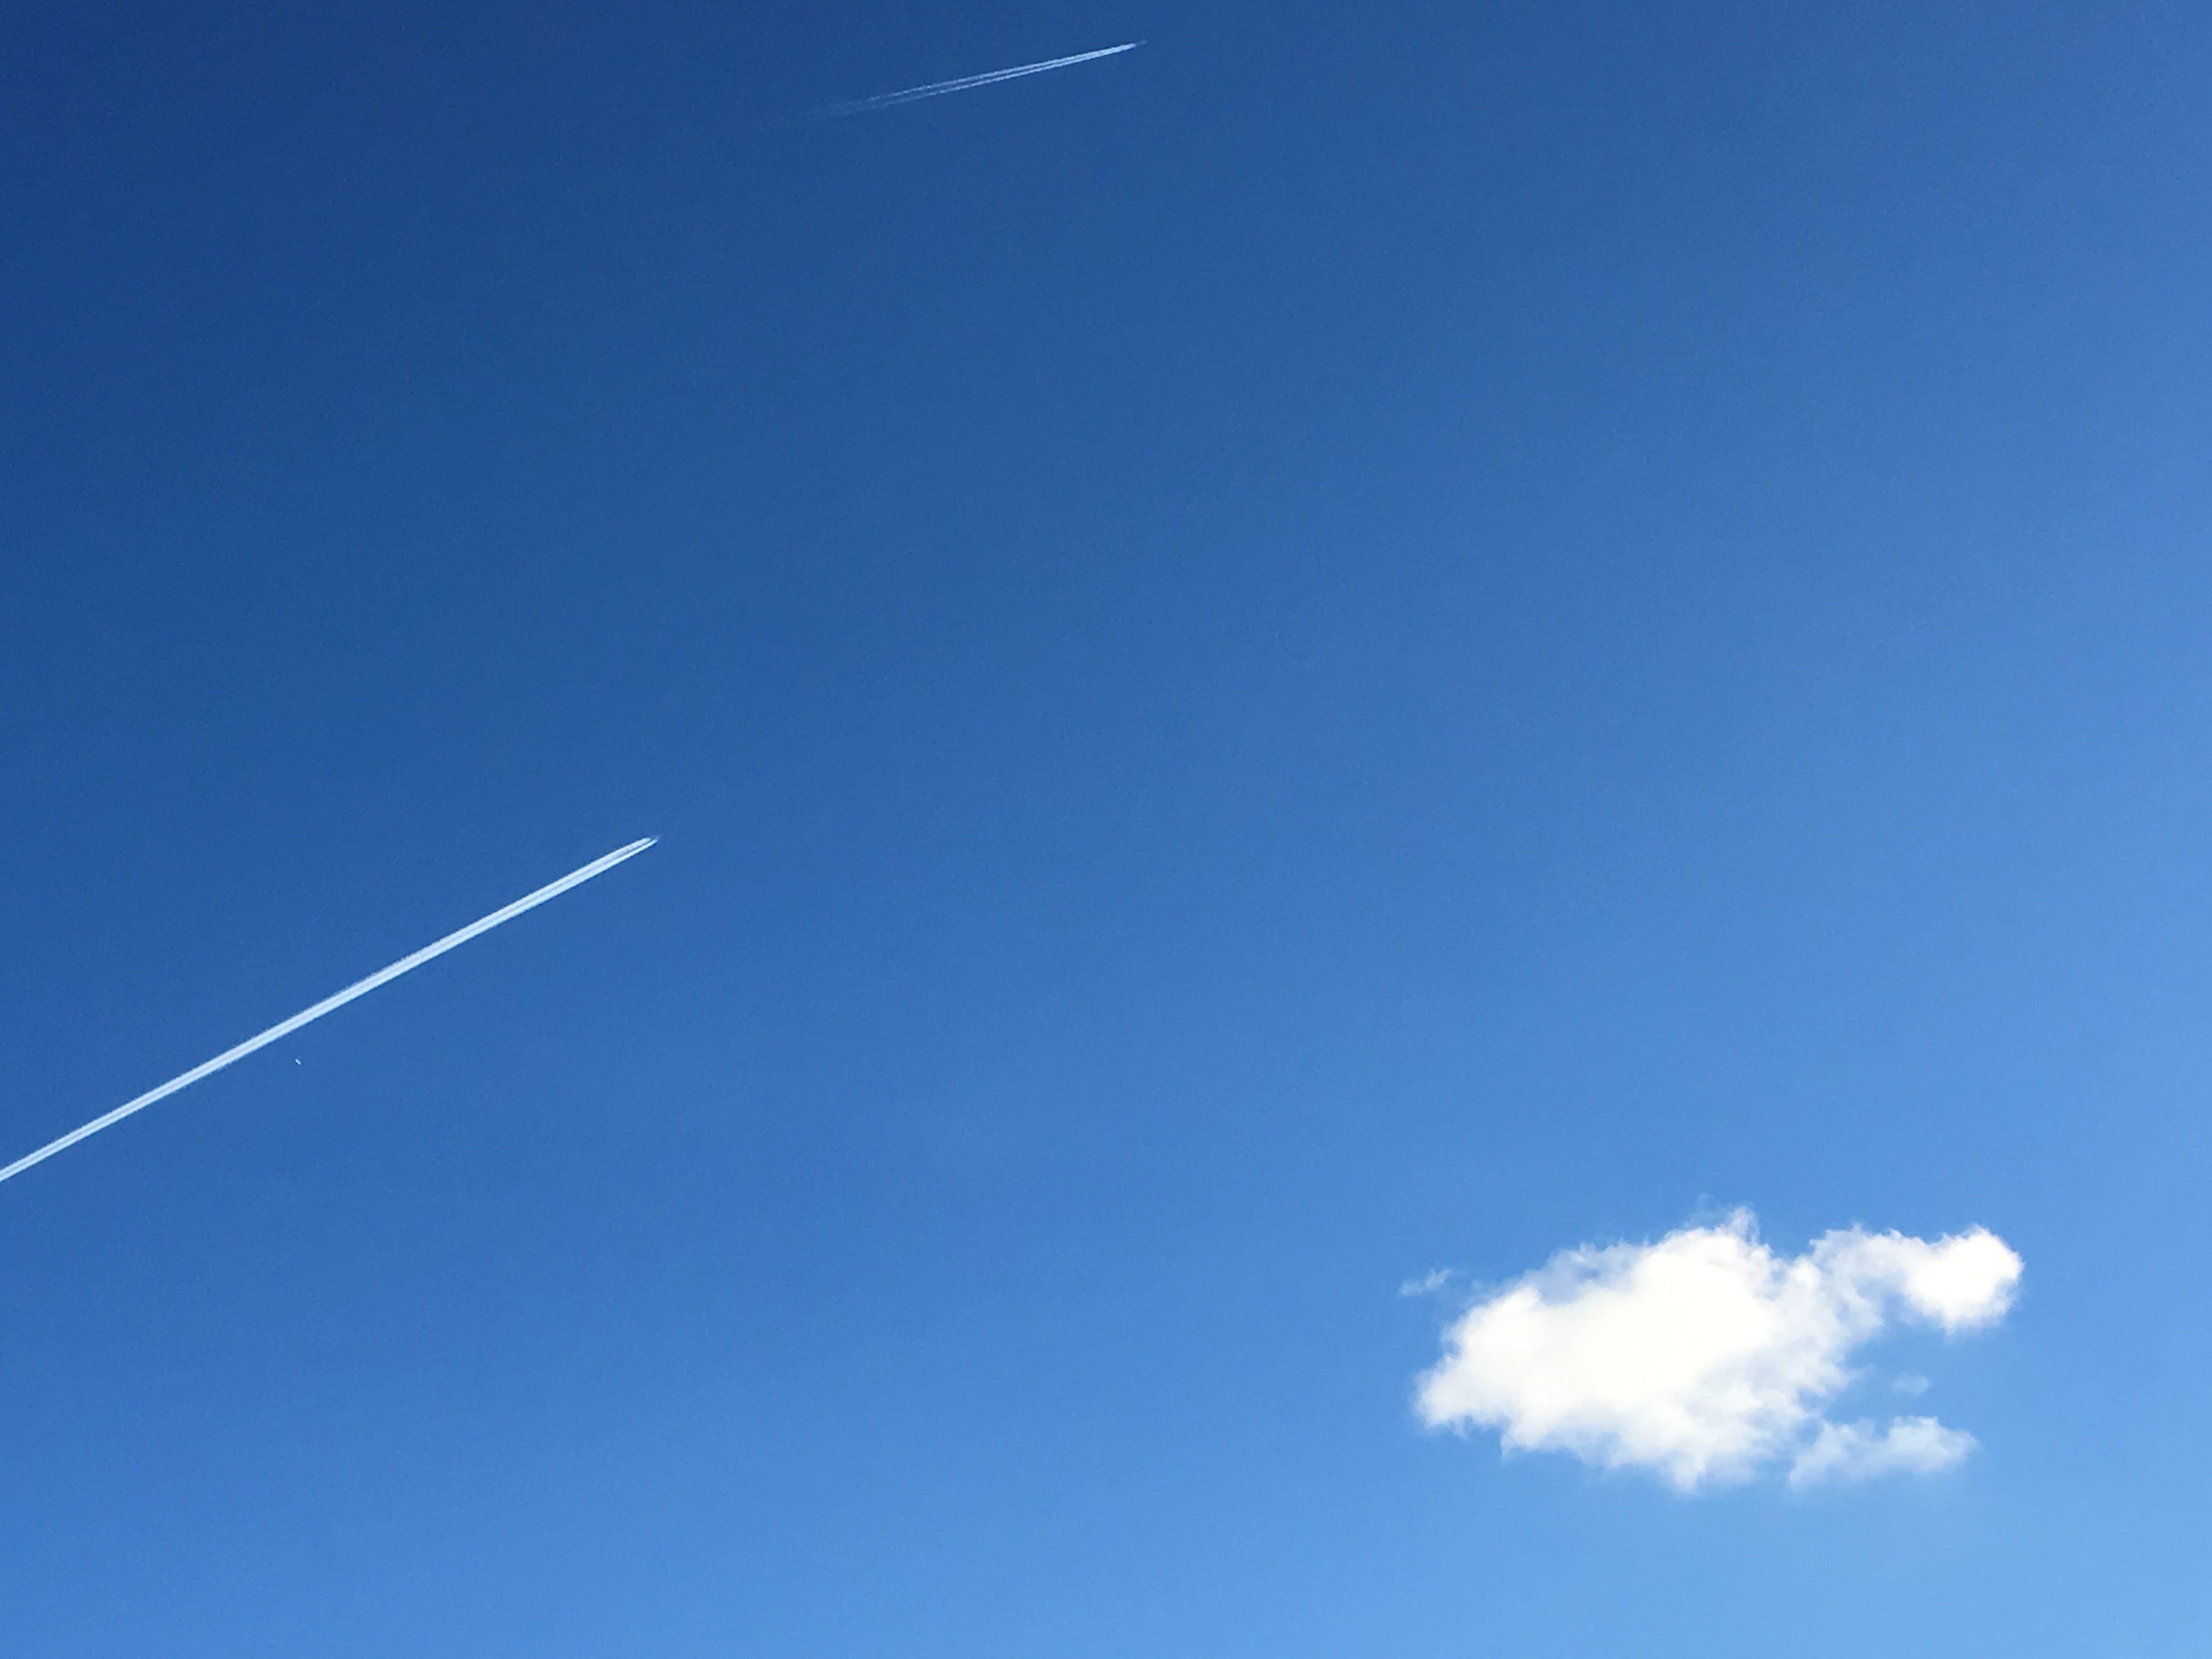 Δωρεάν στοκ φωτογραφιών με αεριωθούμενο, αεροπλάνο, αεροπλοΐα, αεροσκάφος